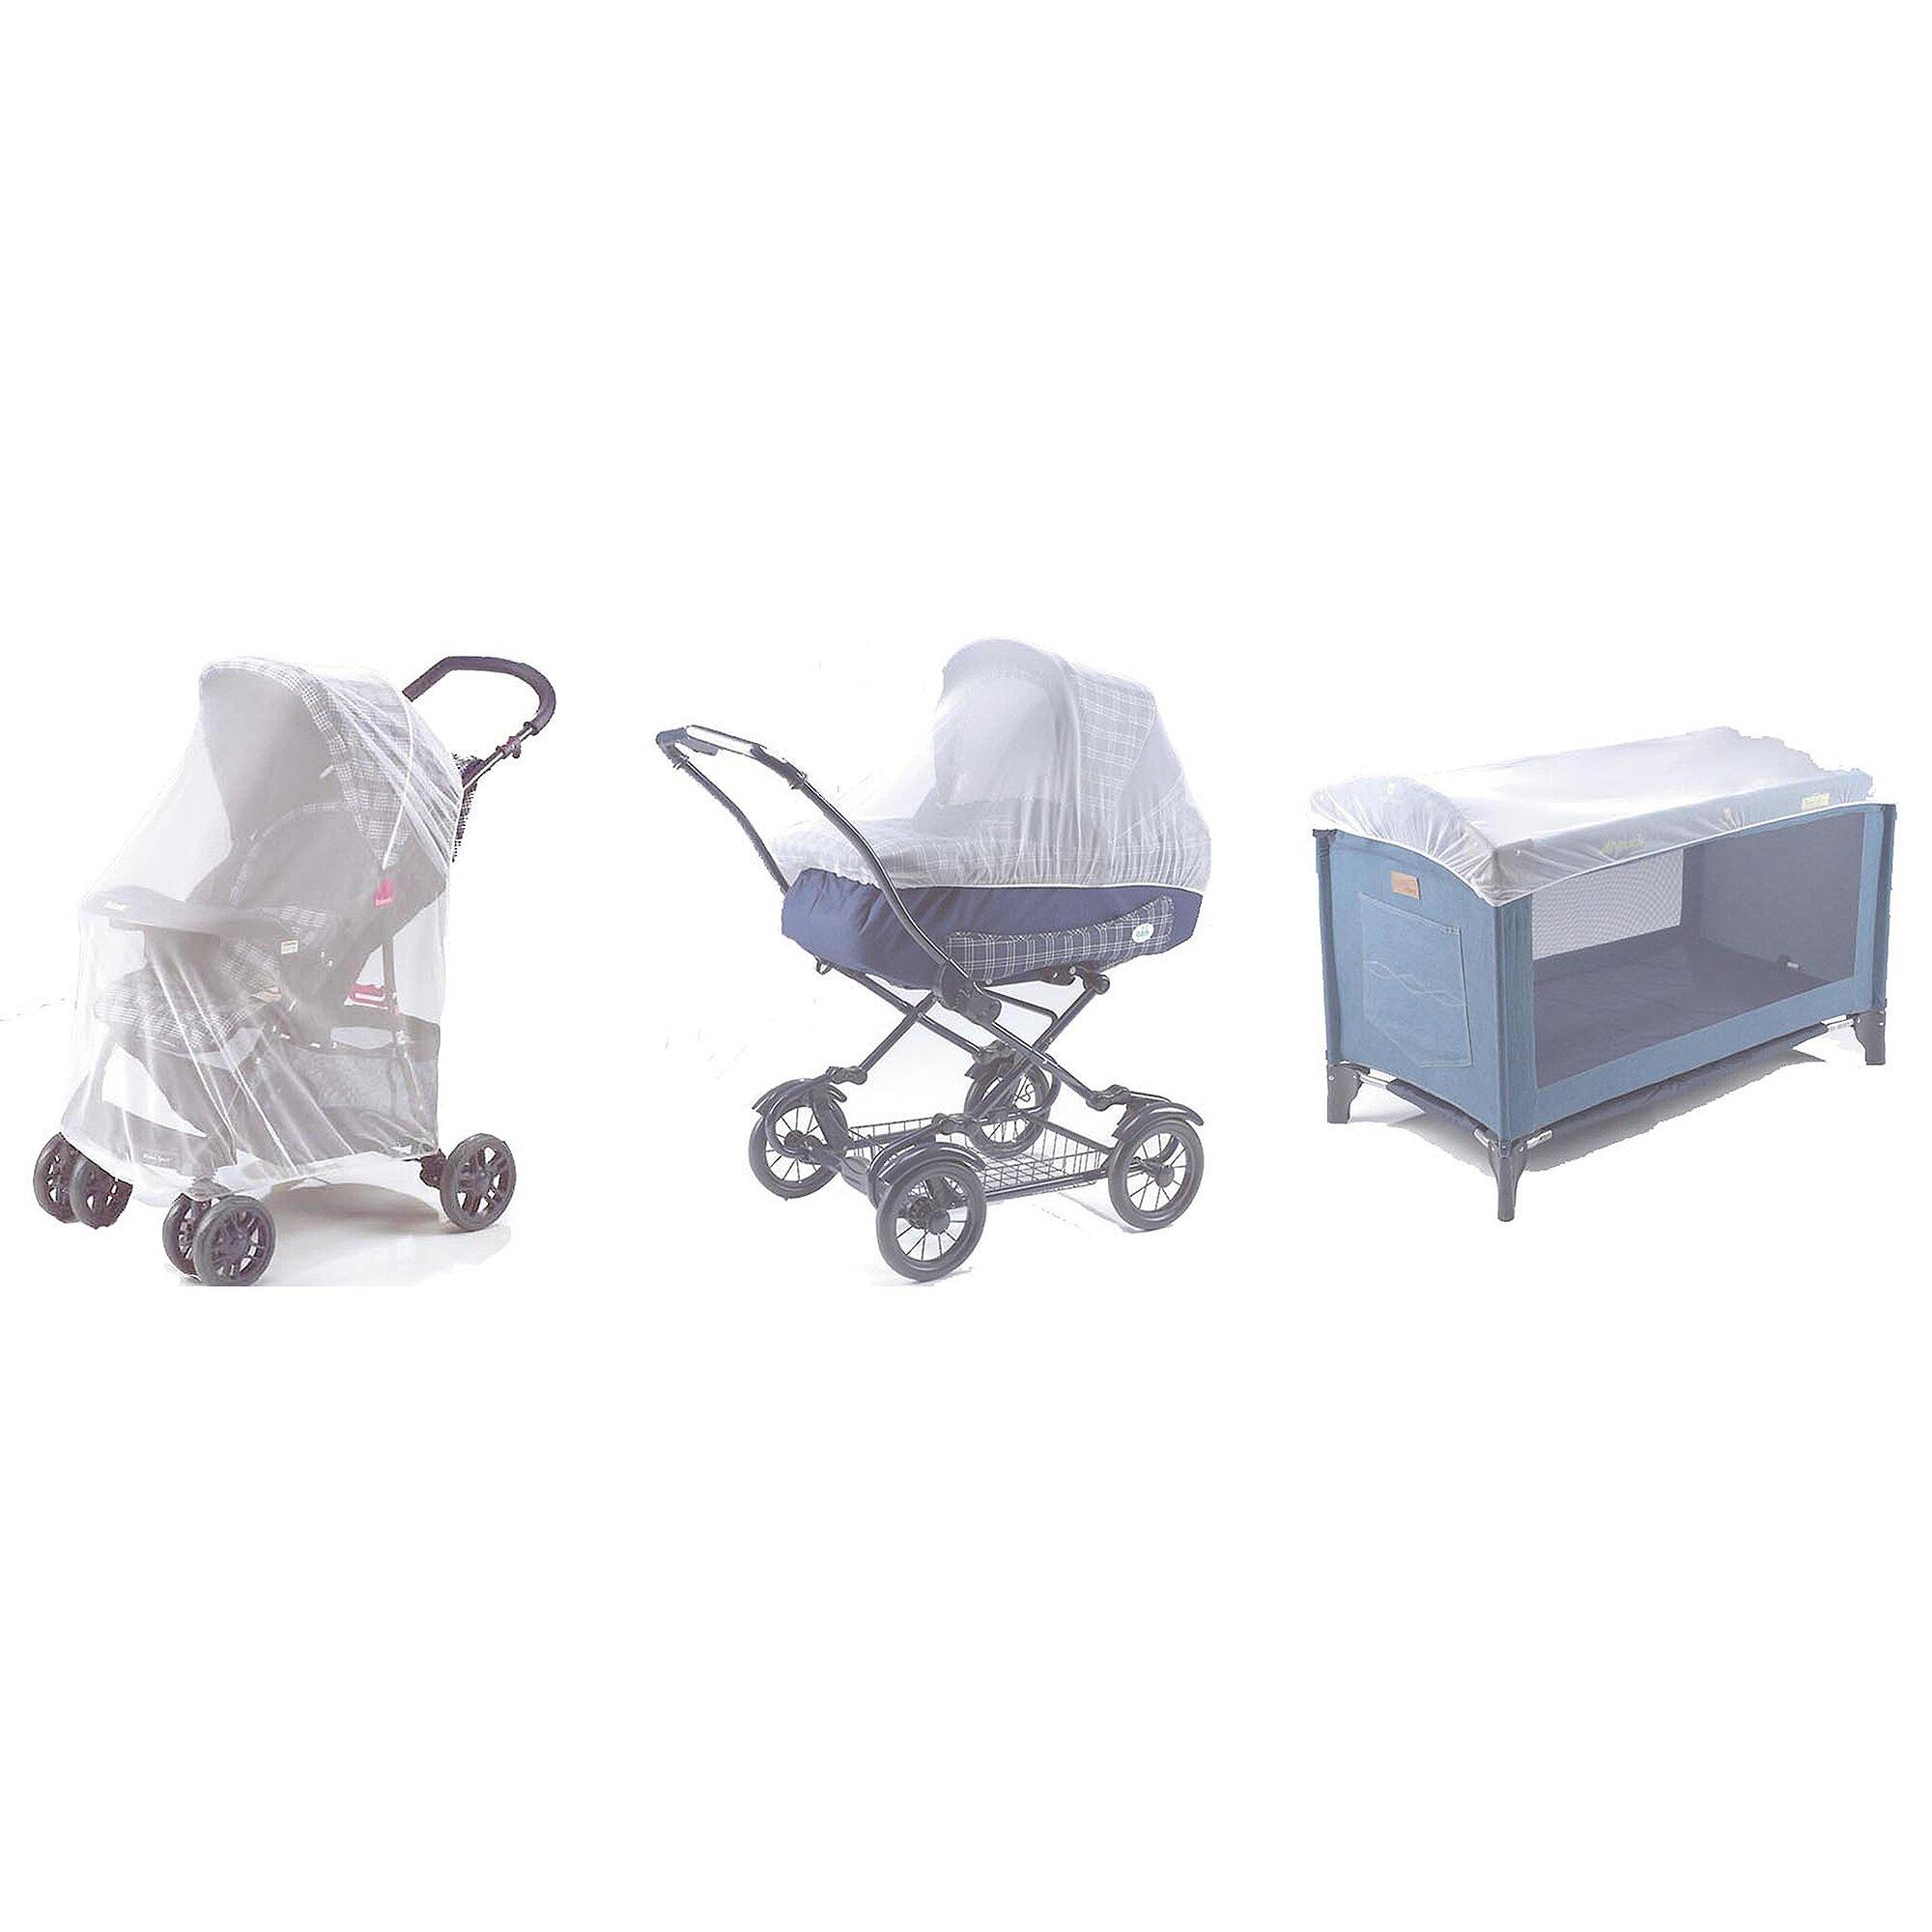 Reer Universal-Insektenschutz 3-in-1 für Babyschale, Reisebett und Kinderwagen weiss